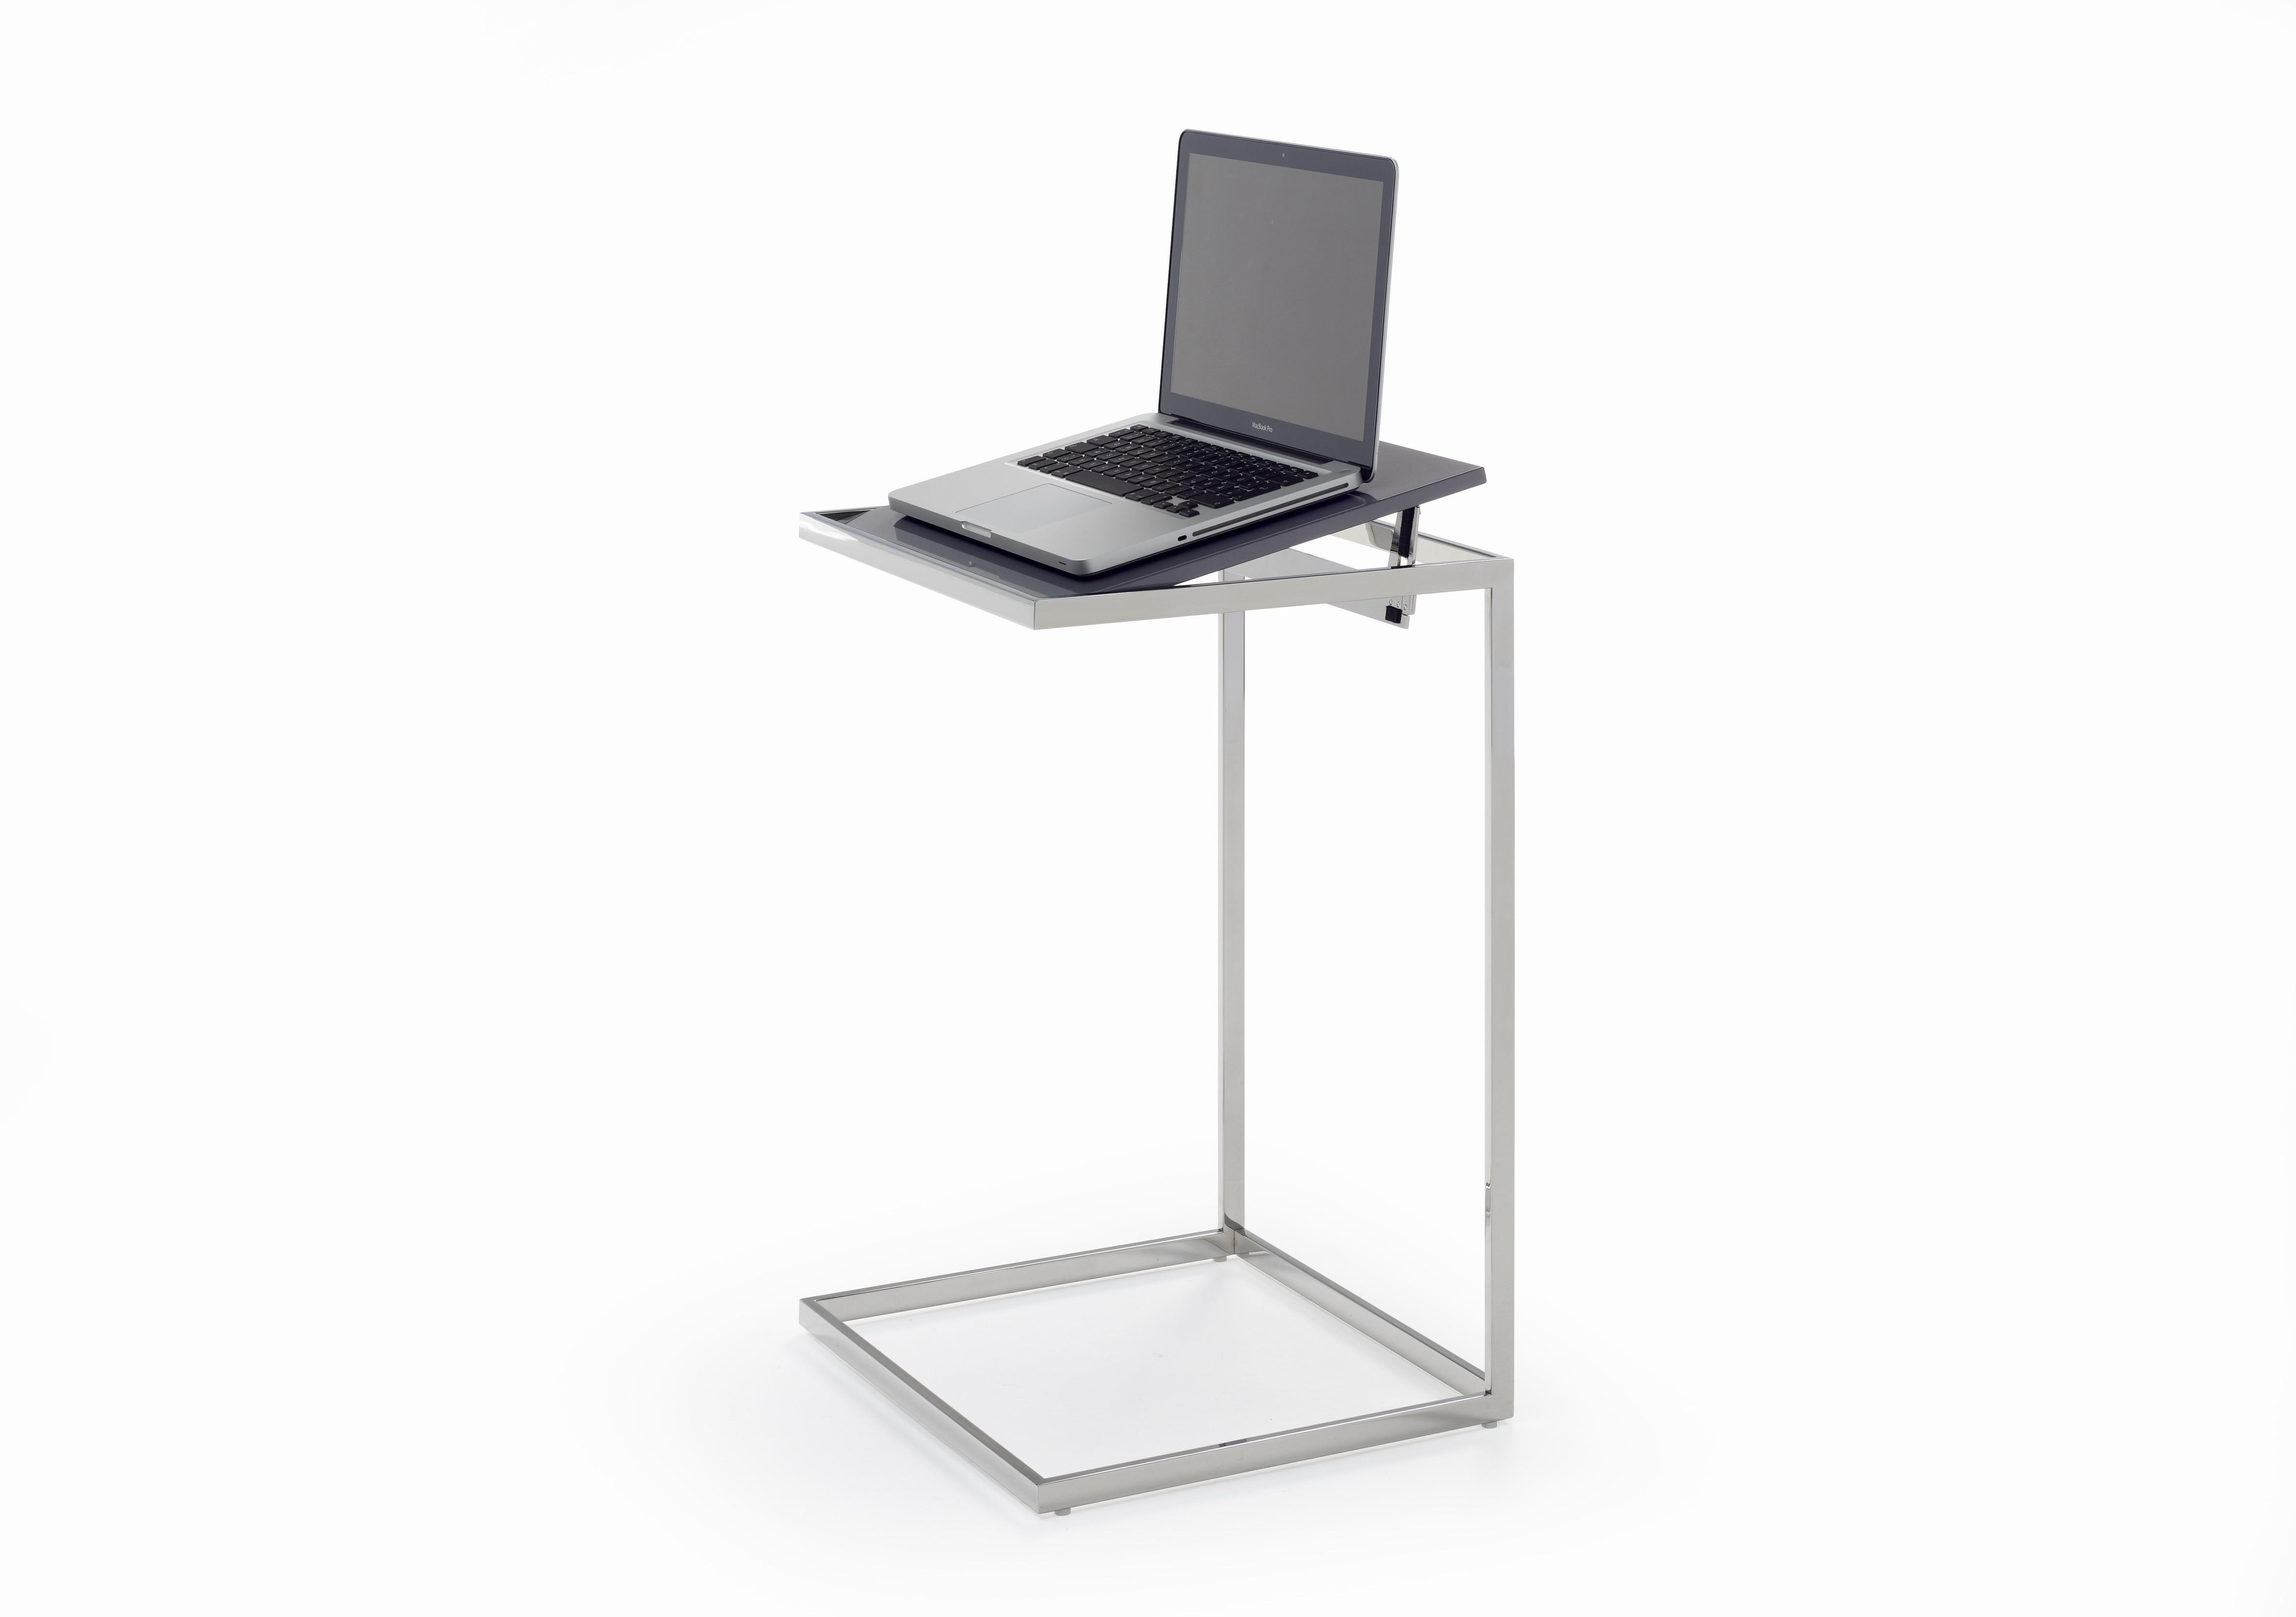 Beistelltisch Für Laptop : up von yomei der beistelltisch f r die laptop generation ~ Markanthonyermac.com Haus und Dekorationen